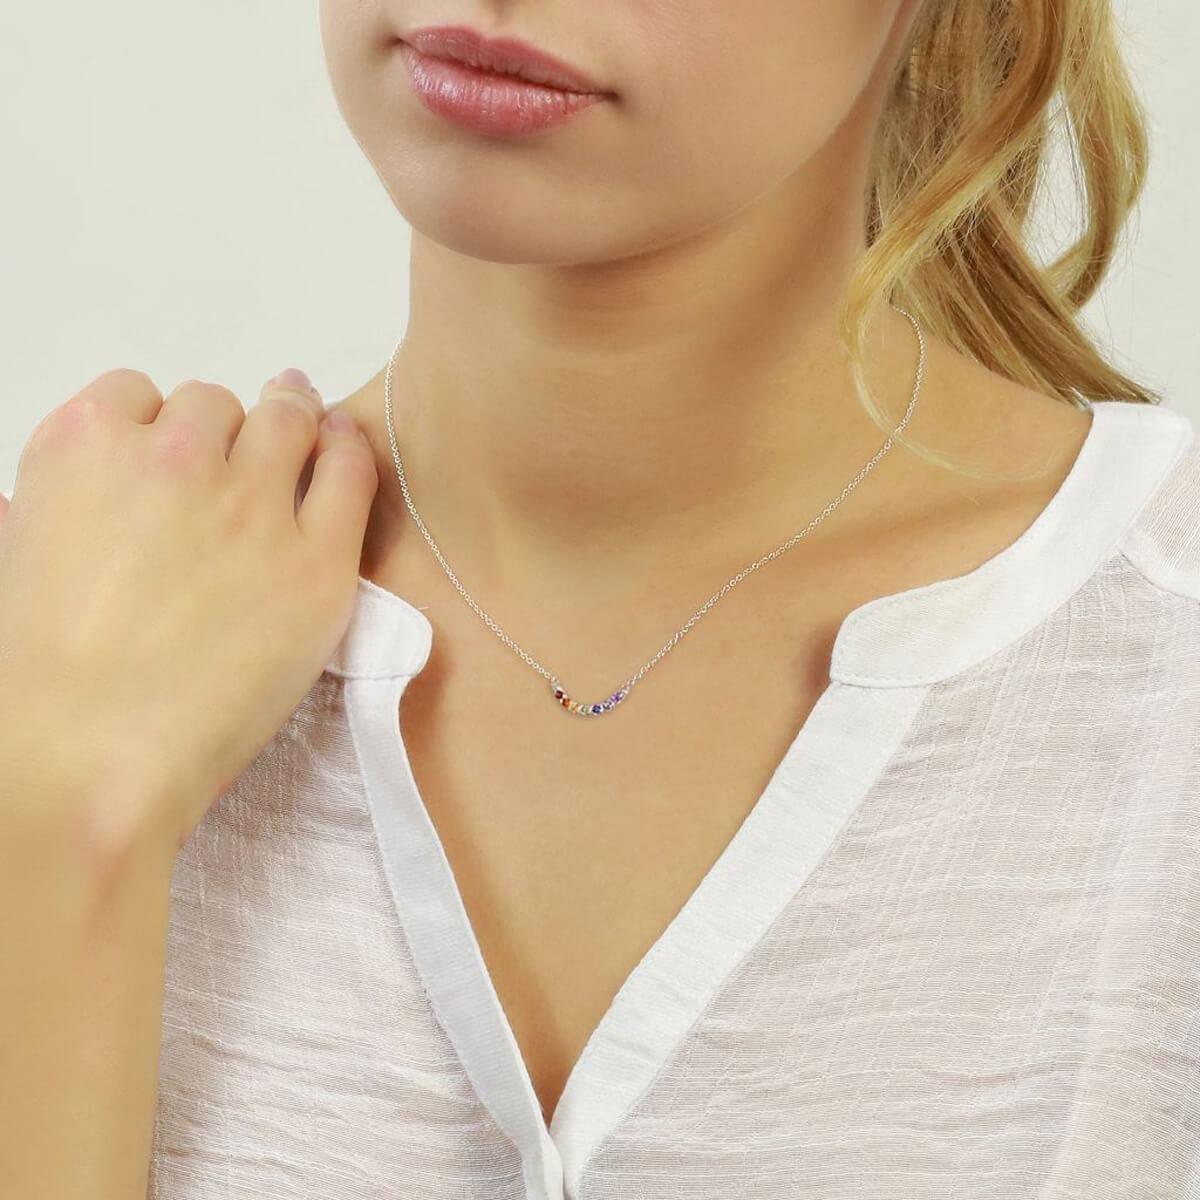 Petite Necklaces